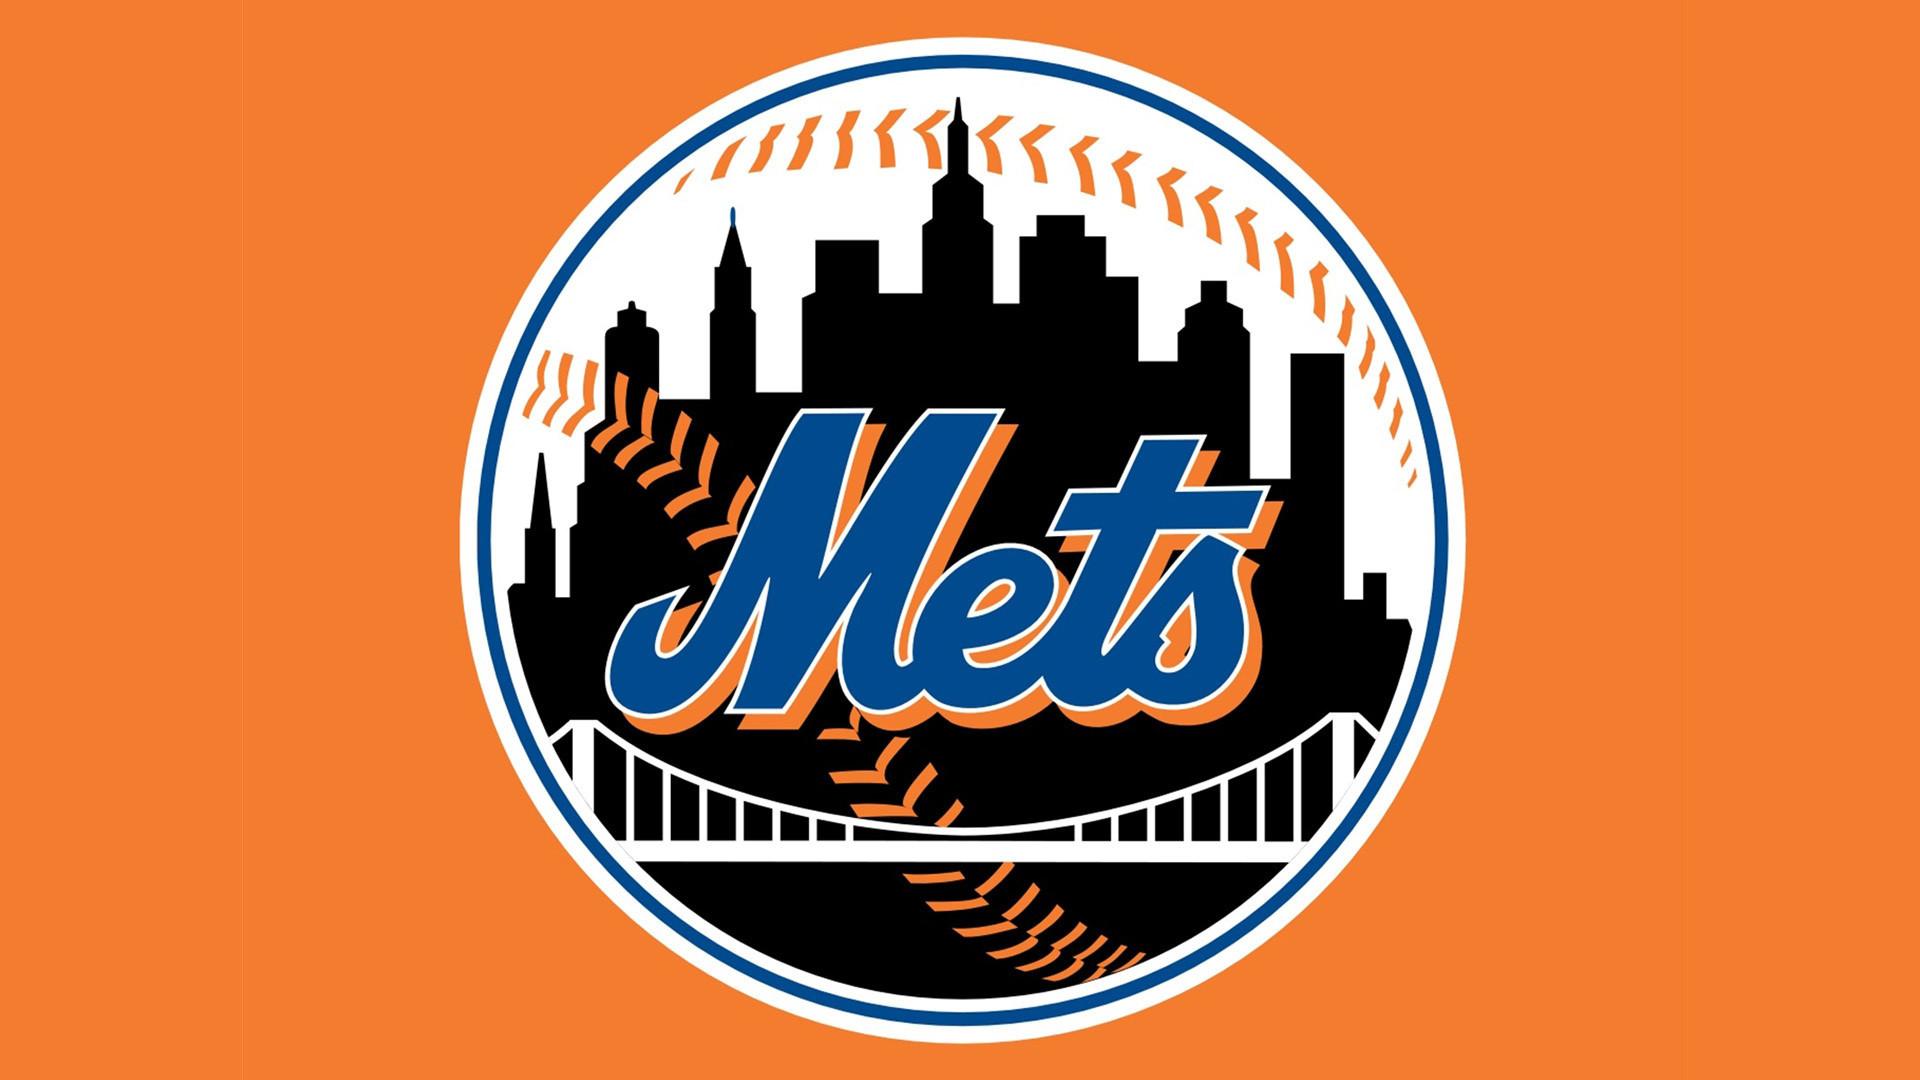 Mets Wallpaper Iphone 72 Images